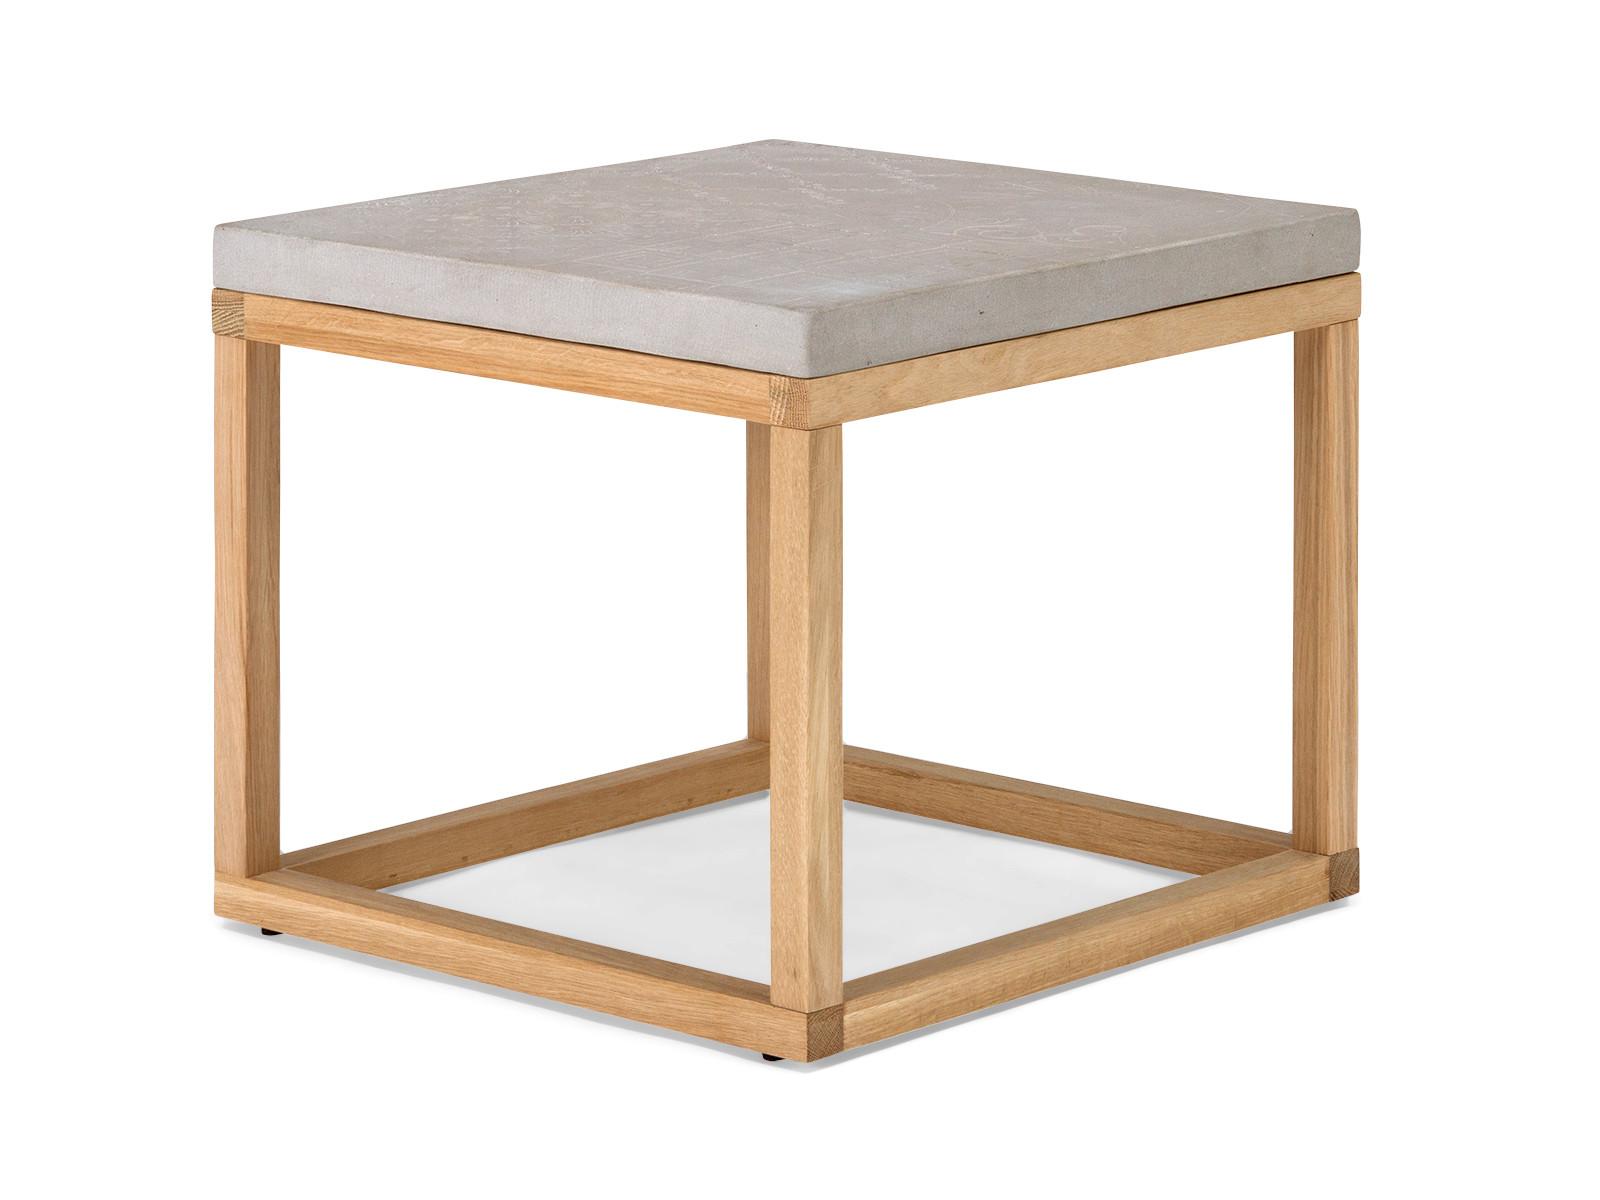 couchtisch-beton-eichenholz-darley5707c07d9b0e6